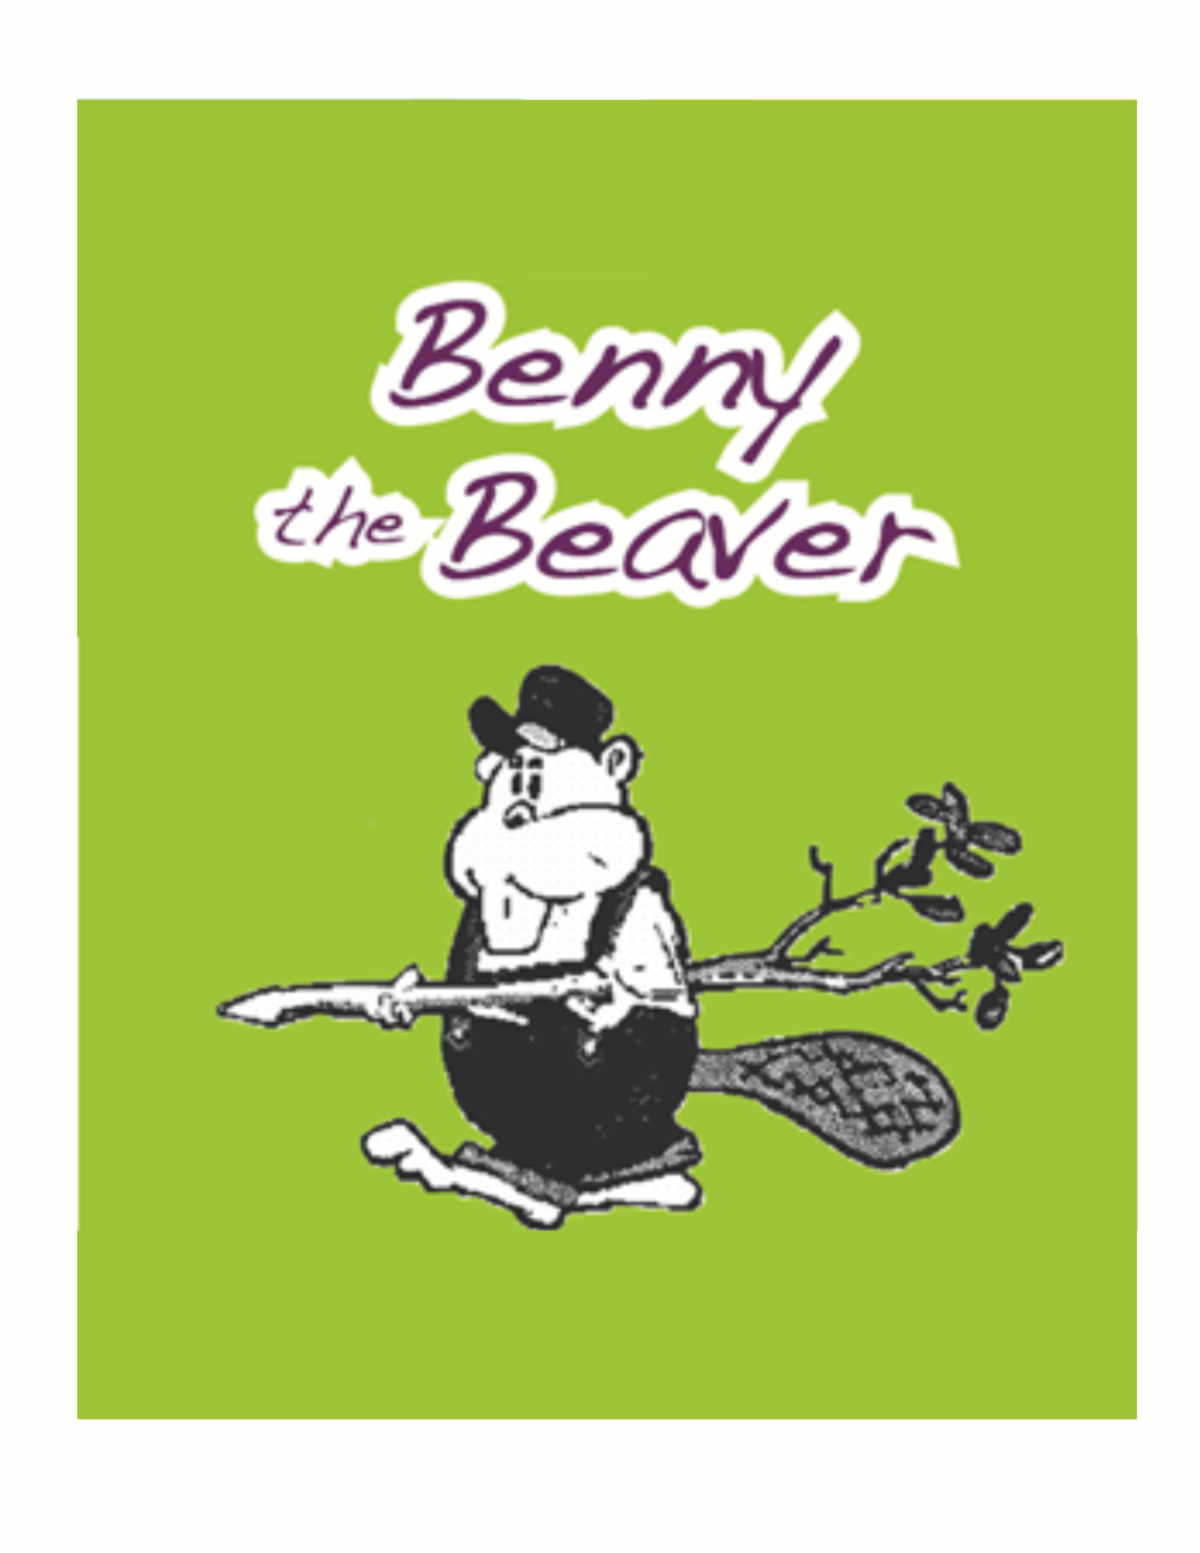 Benny Beaver - left